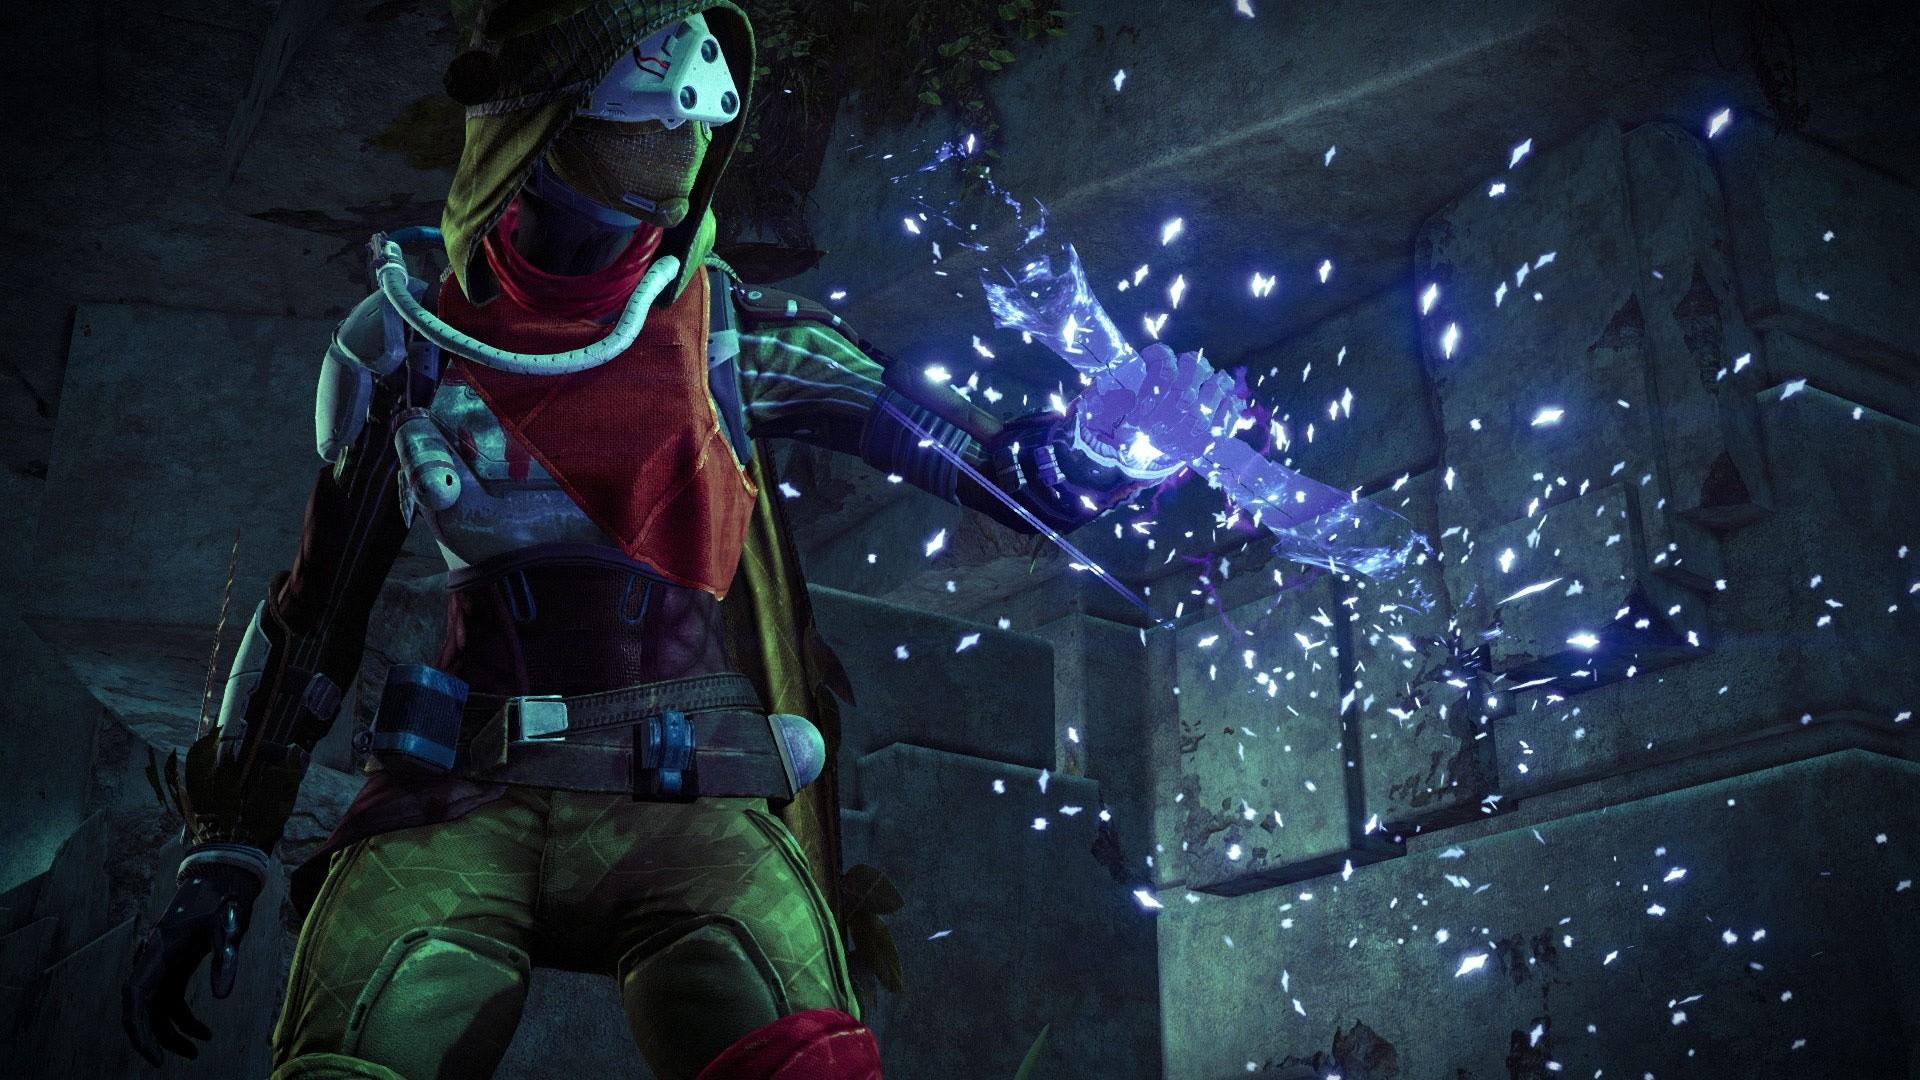 Destiny Hunter Bladedancer Gif | www.galleryhip.com – The Hippest Pics